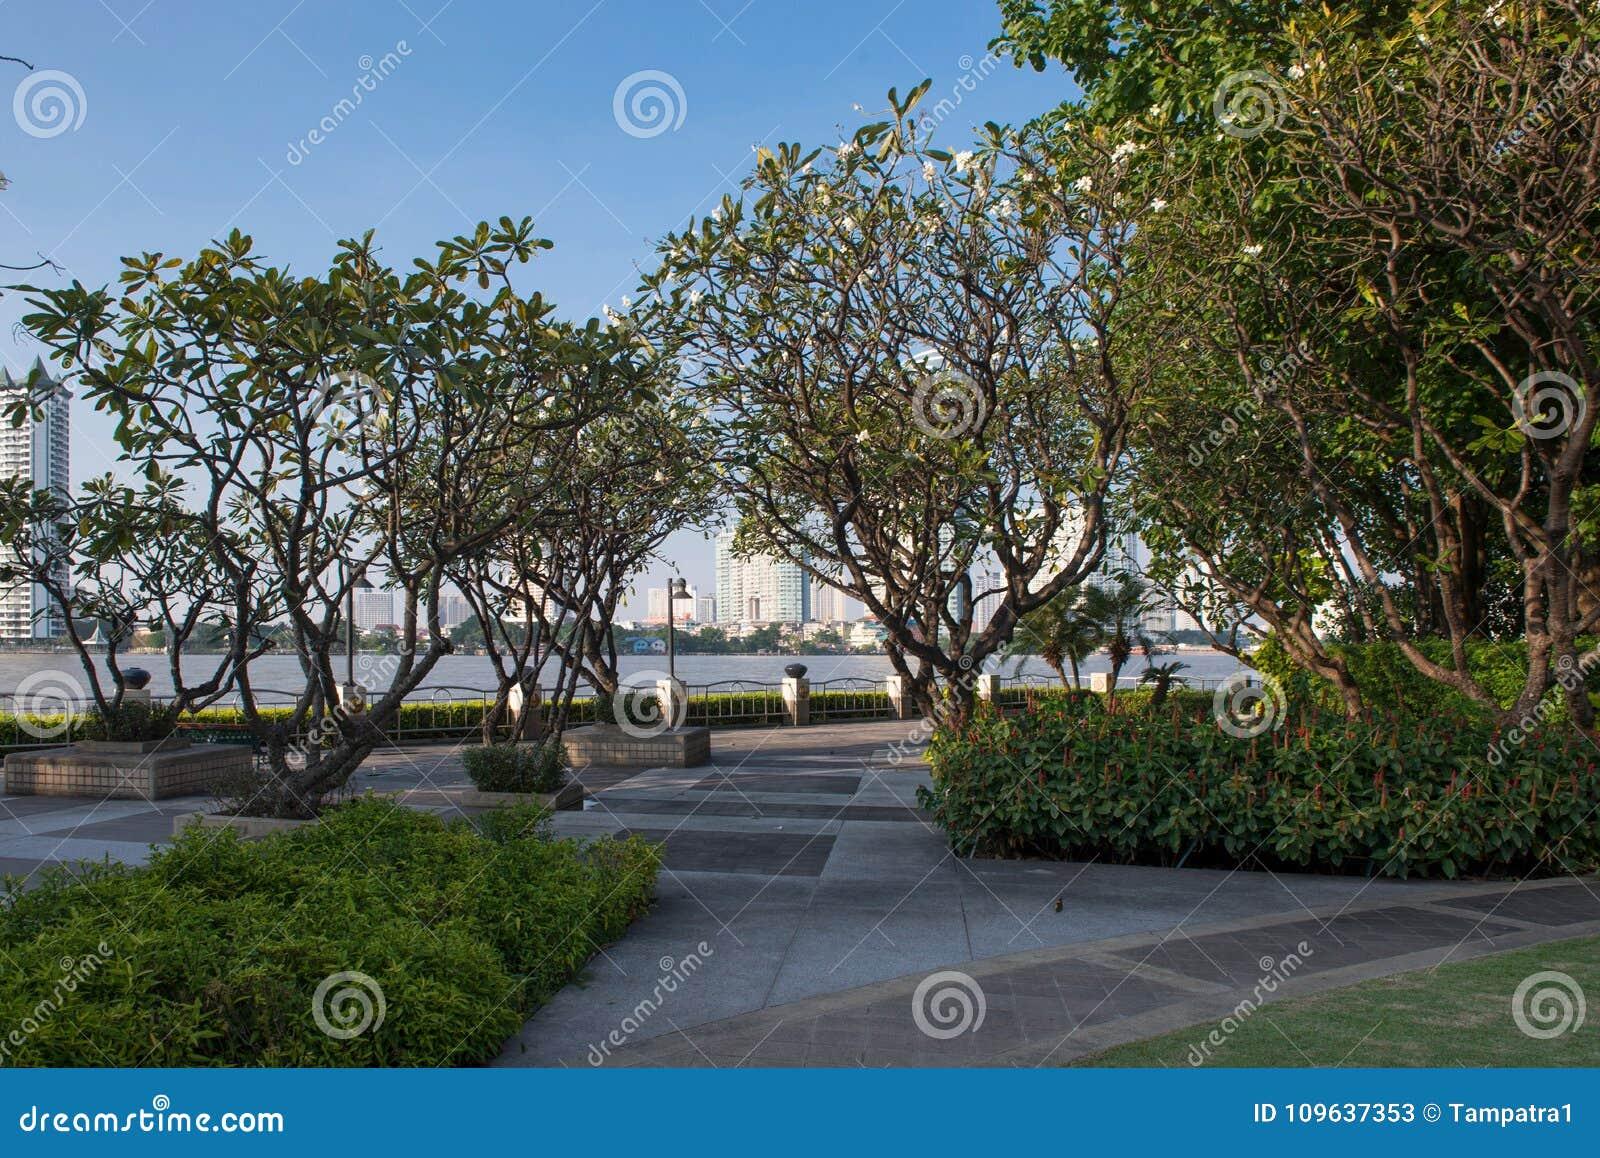 Openbaar park met weelderige bomen en blauwe hemel